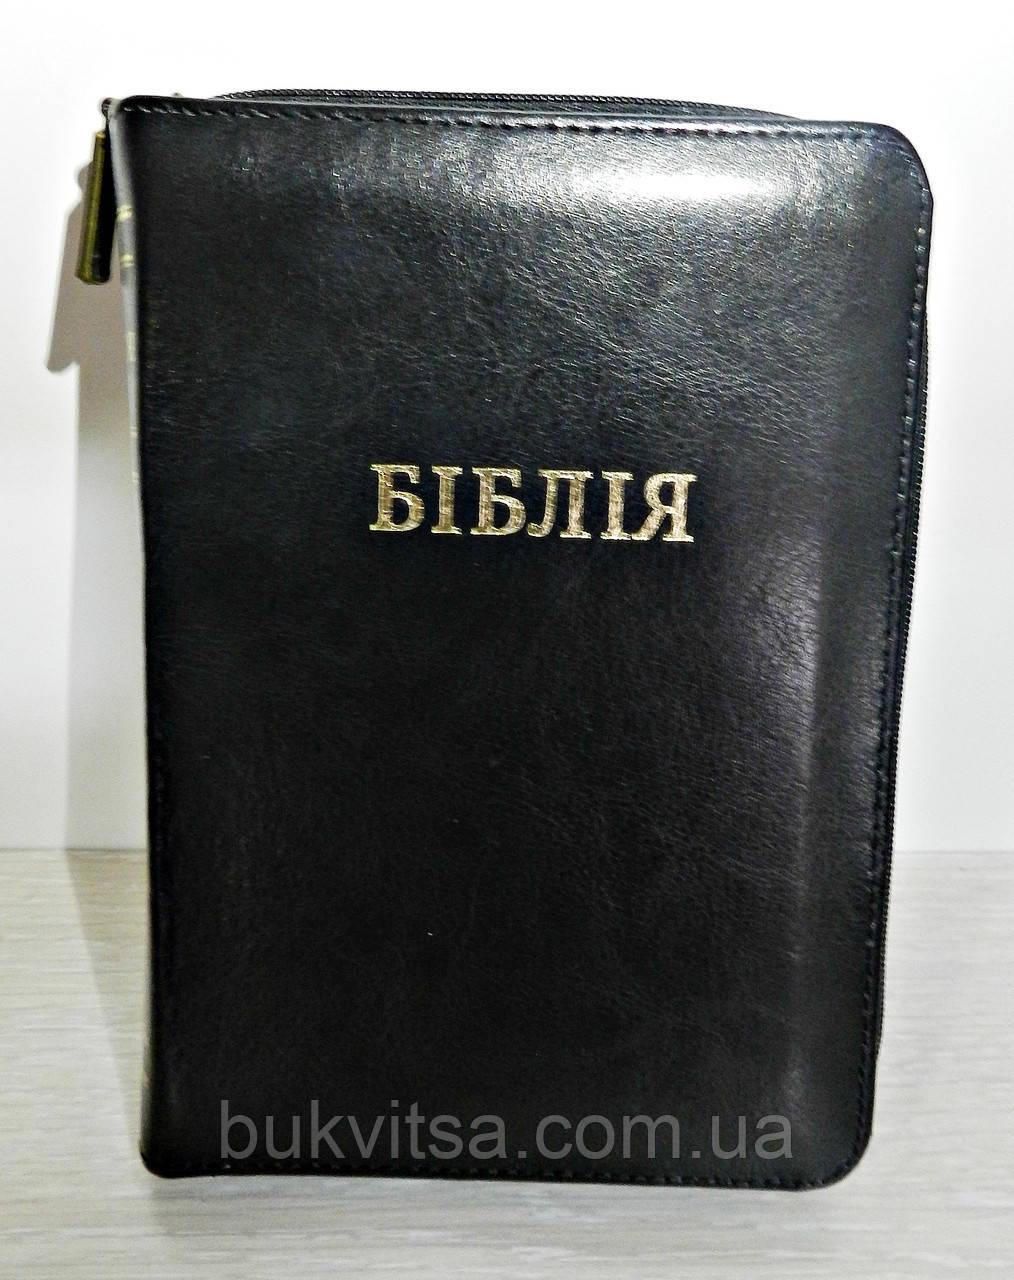 Біблія, 14,5х20,5 см, темно-вишнева/чорна